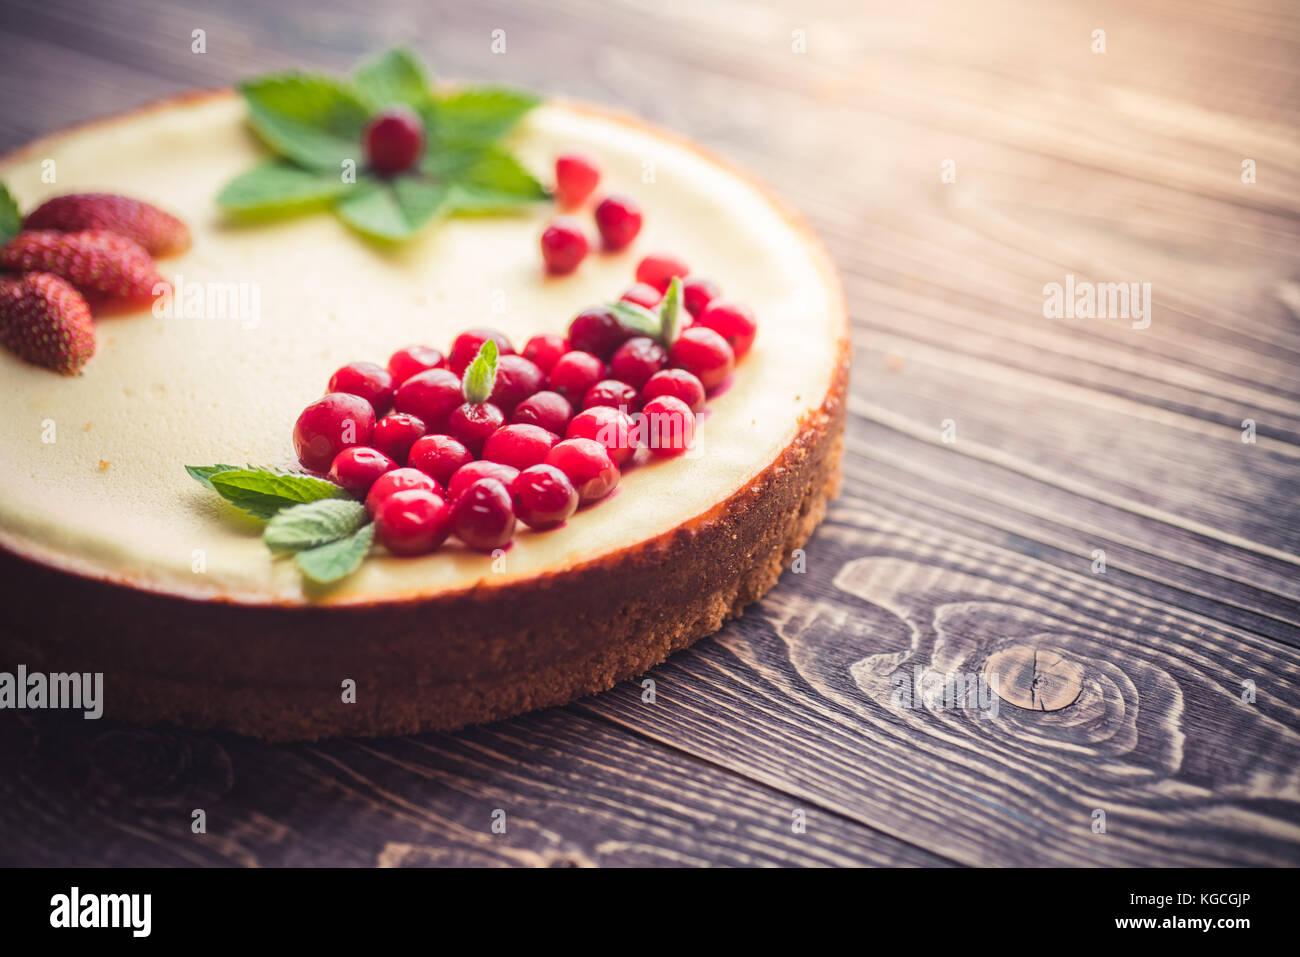 Cheesecake con bayas frescas sobre un fondo de madera. Espacio de copia Imagen De Stock